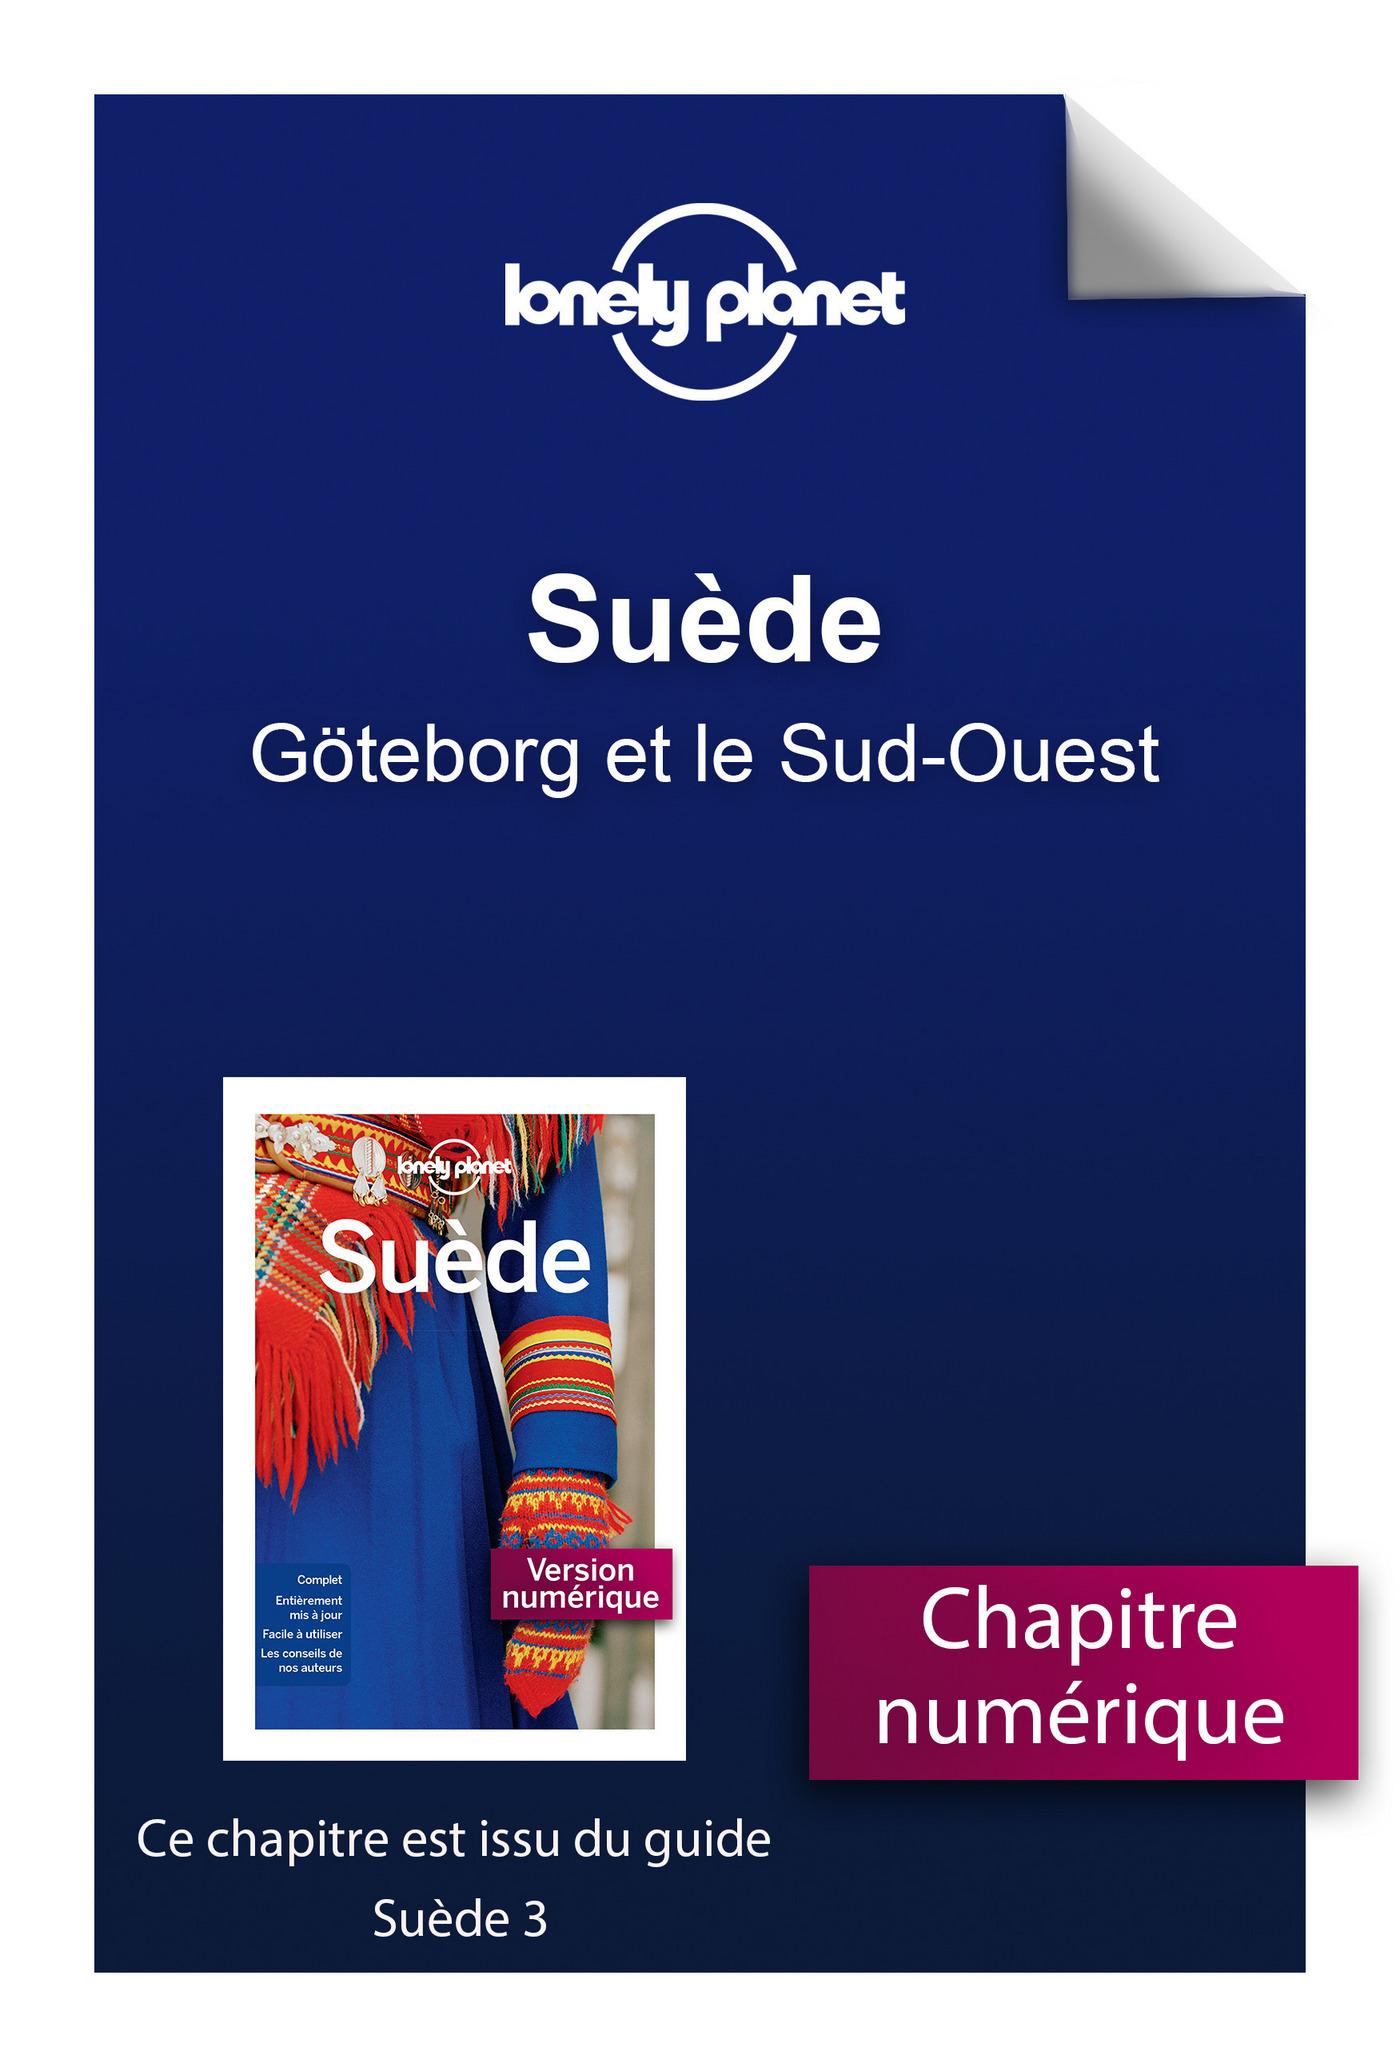 Suède 3 - Göteborg et le Sud-Ouest